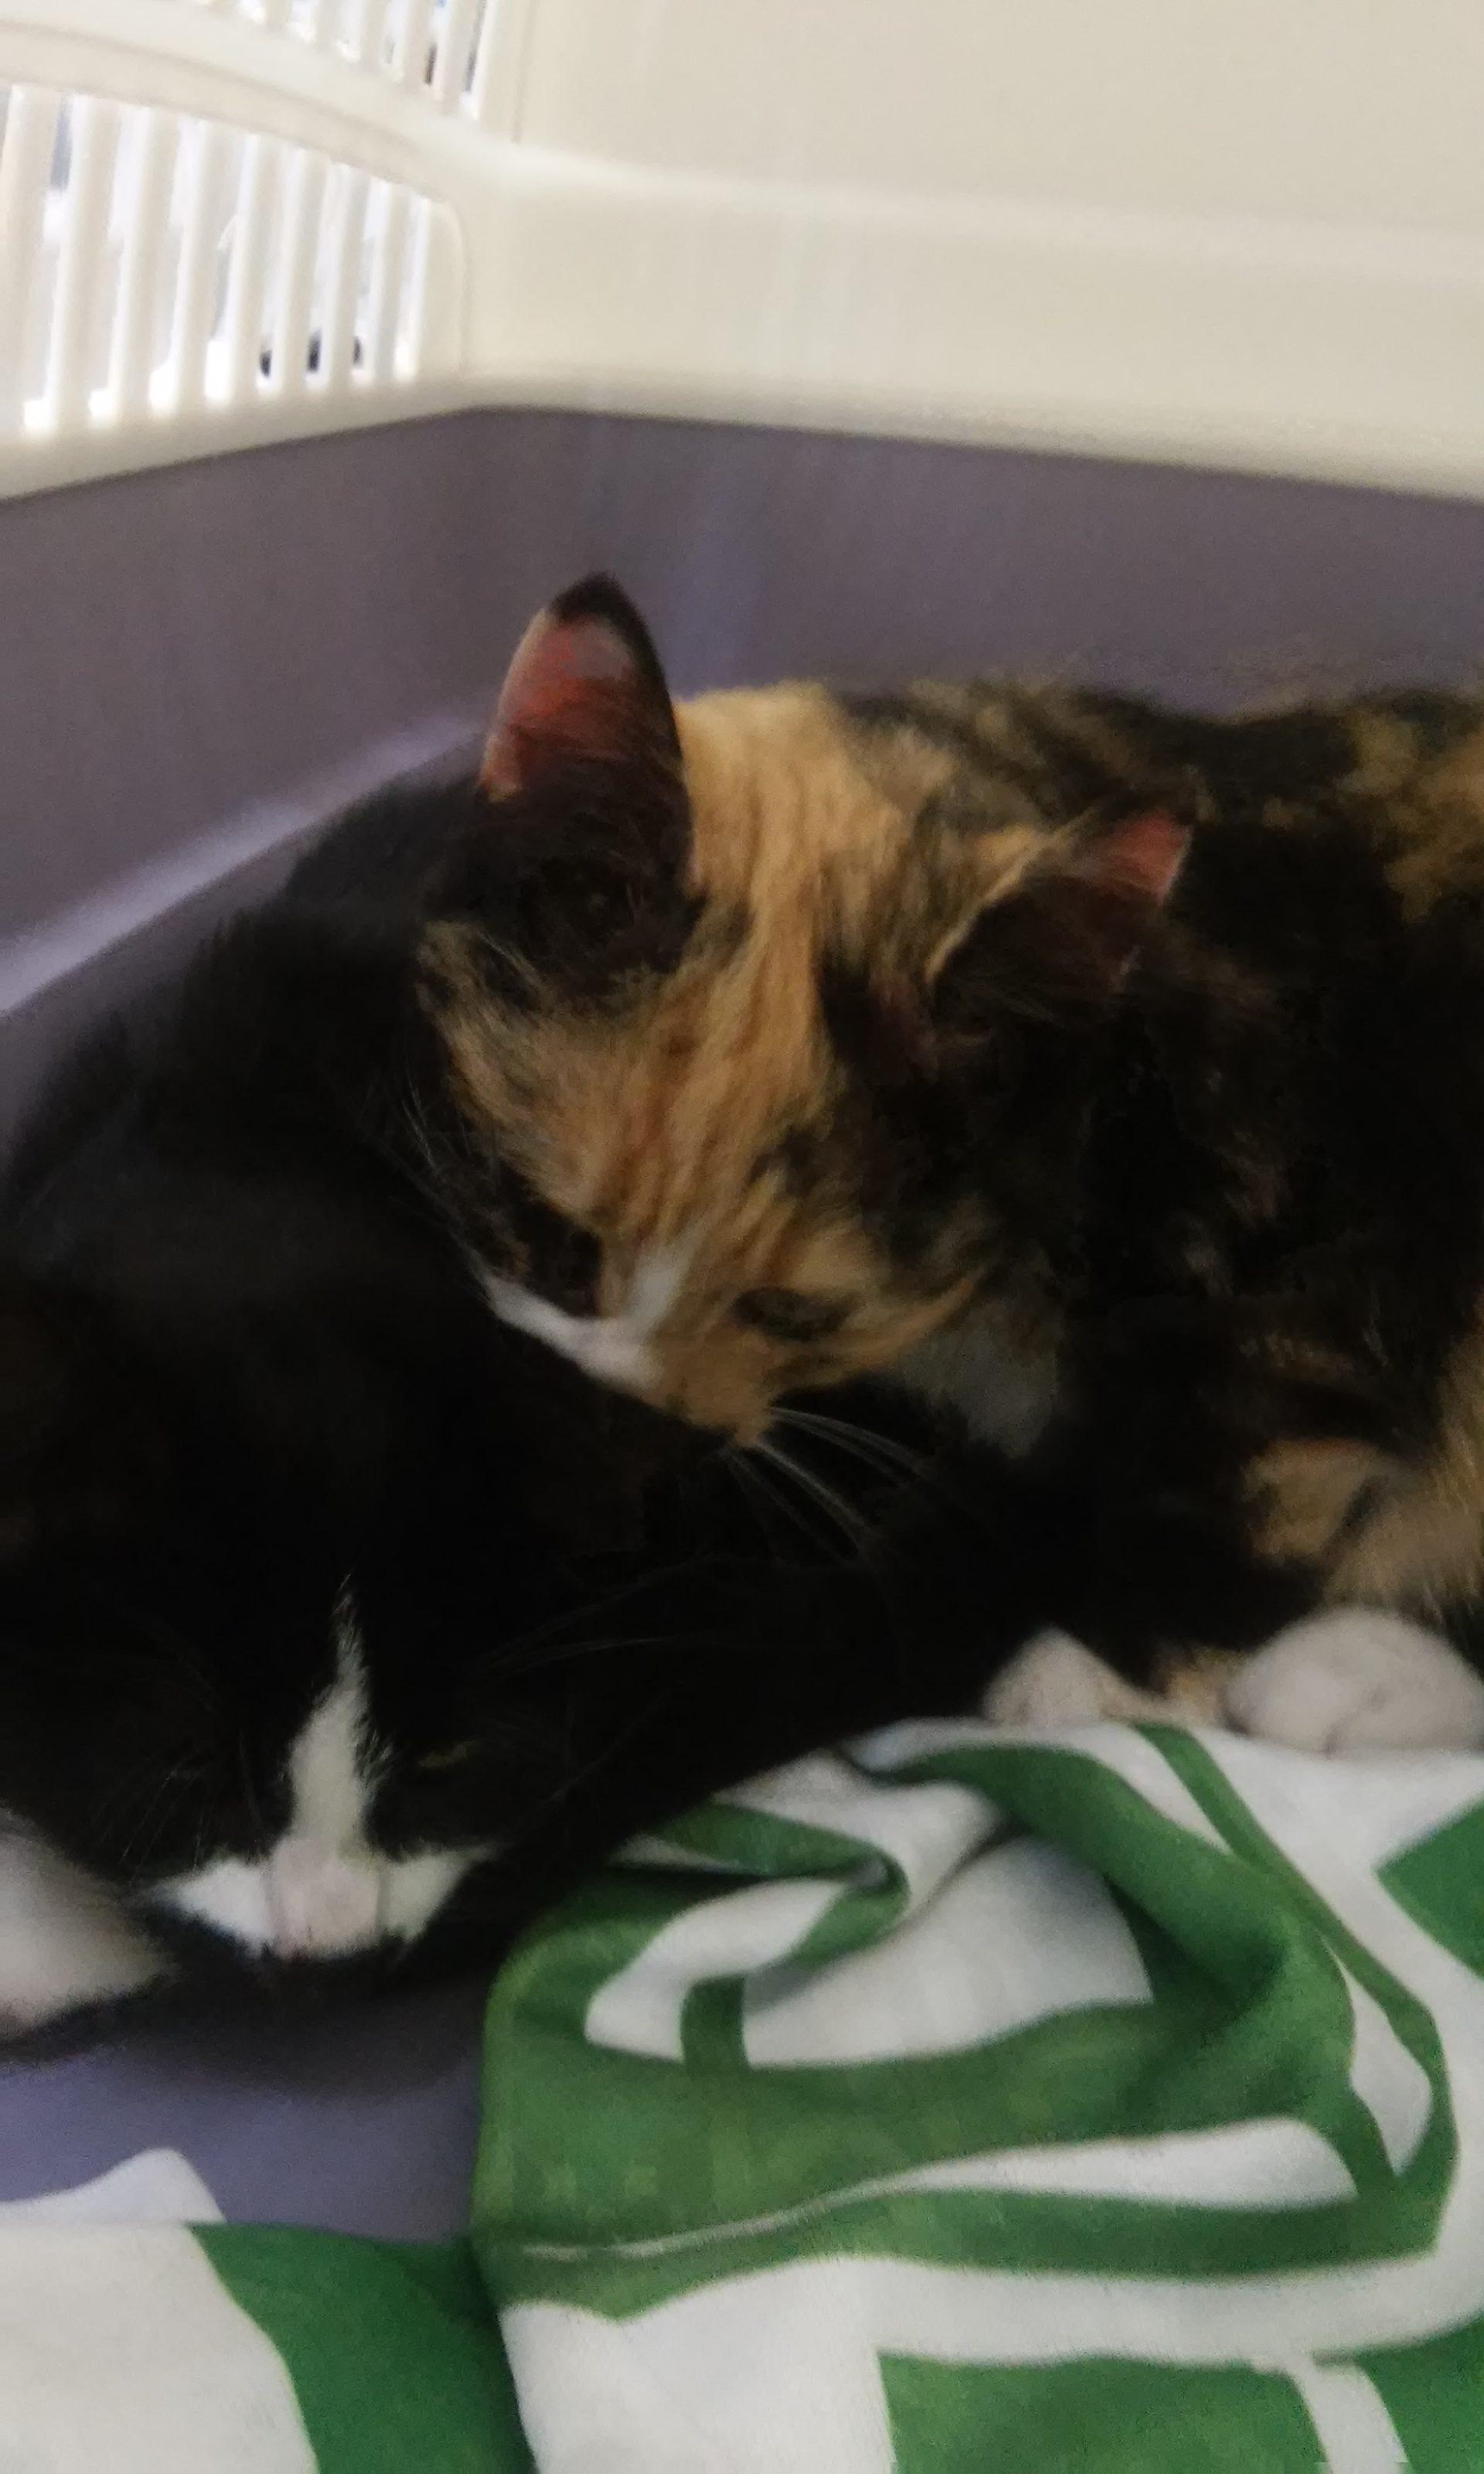 SONO STATI ADOTTATI Queste 2 micine sono in cerca di casa, sono 2 femminucce. Hanno 3 mesi. Sono molto dolci.